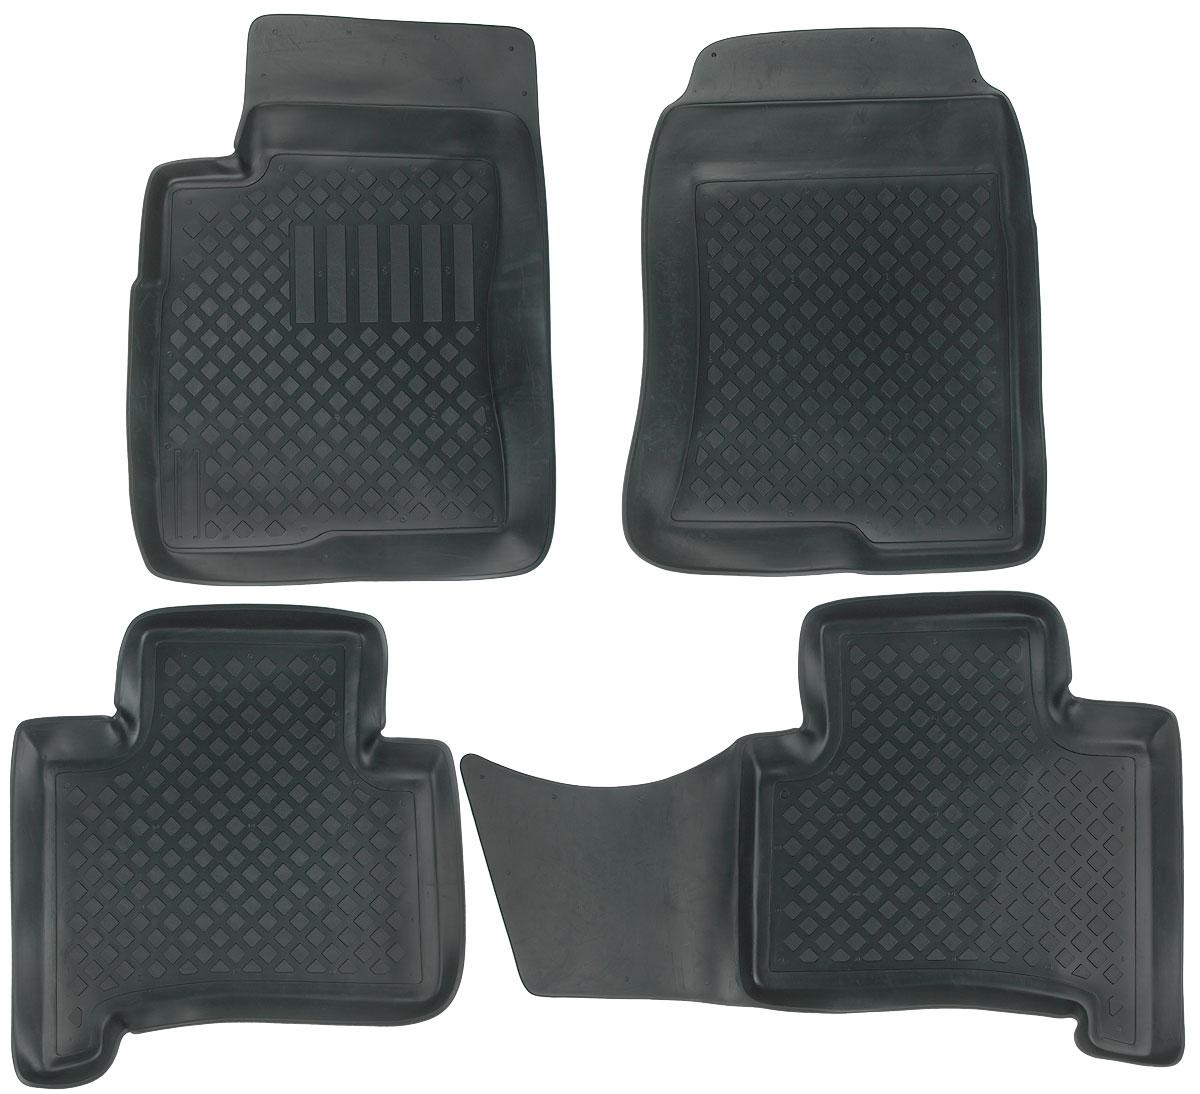 Набор автомобильных ковриков L.Locker, для Toyota Land Cruiser Prado (02-), в салон, 4 шт0209060301Набор L.Locker, изготовленный из полиуретана, состоит из 4 антискользящих 3D ковриков, которые производятся индивидуально для каждой модели автомобиля. Изделие точно повторяет геометрию пола автомобиля, имеет высокий борт, обладает повышенной износоустойчивостью, лишено резкого запаха и сохраняет свои потребительские свойства в широком диапазоне температур от -50°С до +50°С. Комплектация: 4 шт. Размер ковриков: 75 см х 56 см; 95 см х 54 см; 59 см х 64 см; 72 см х 54 см.